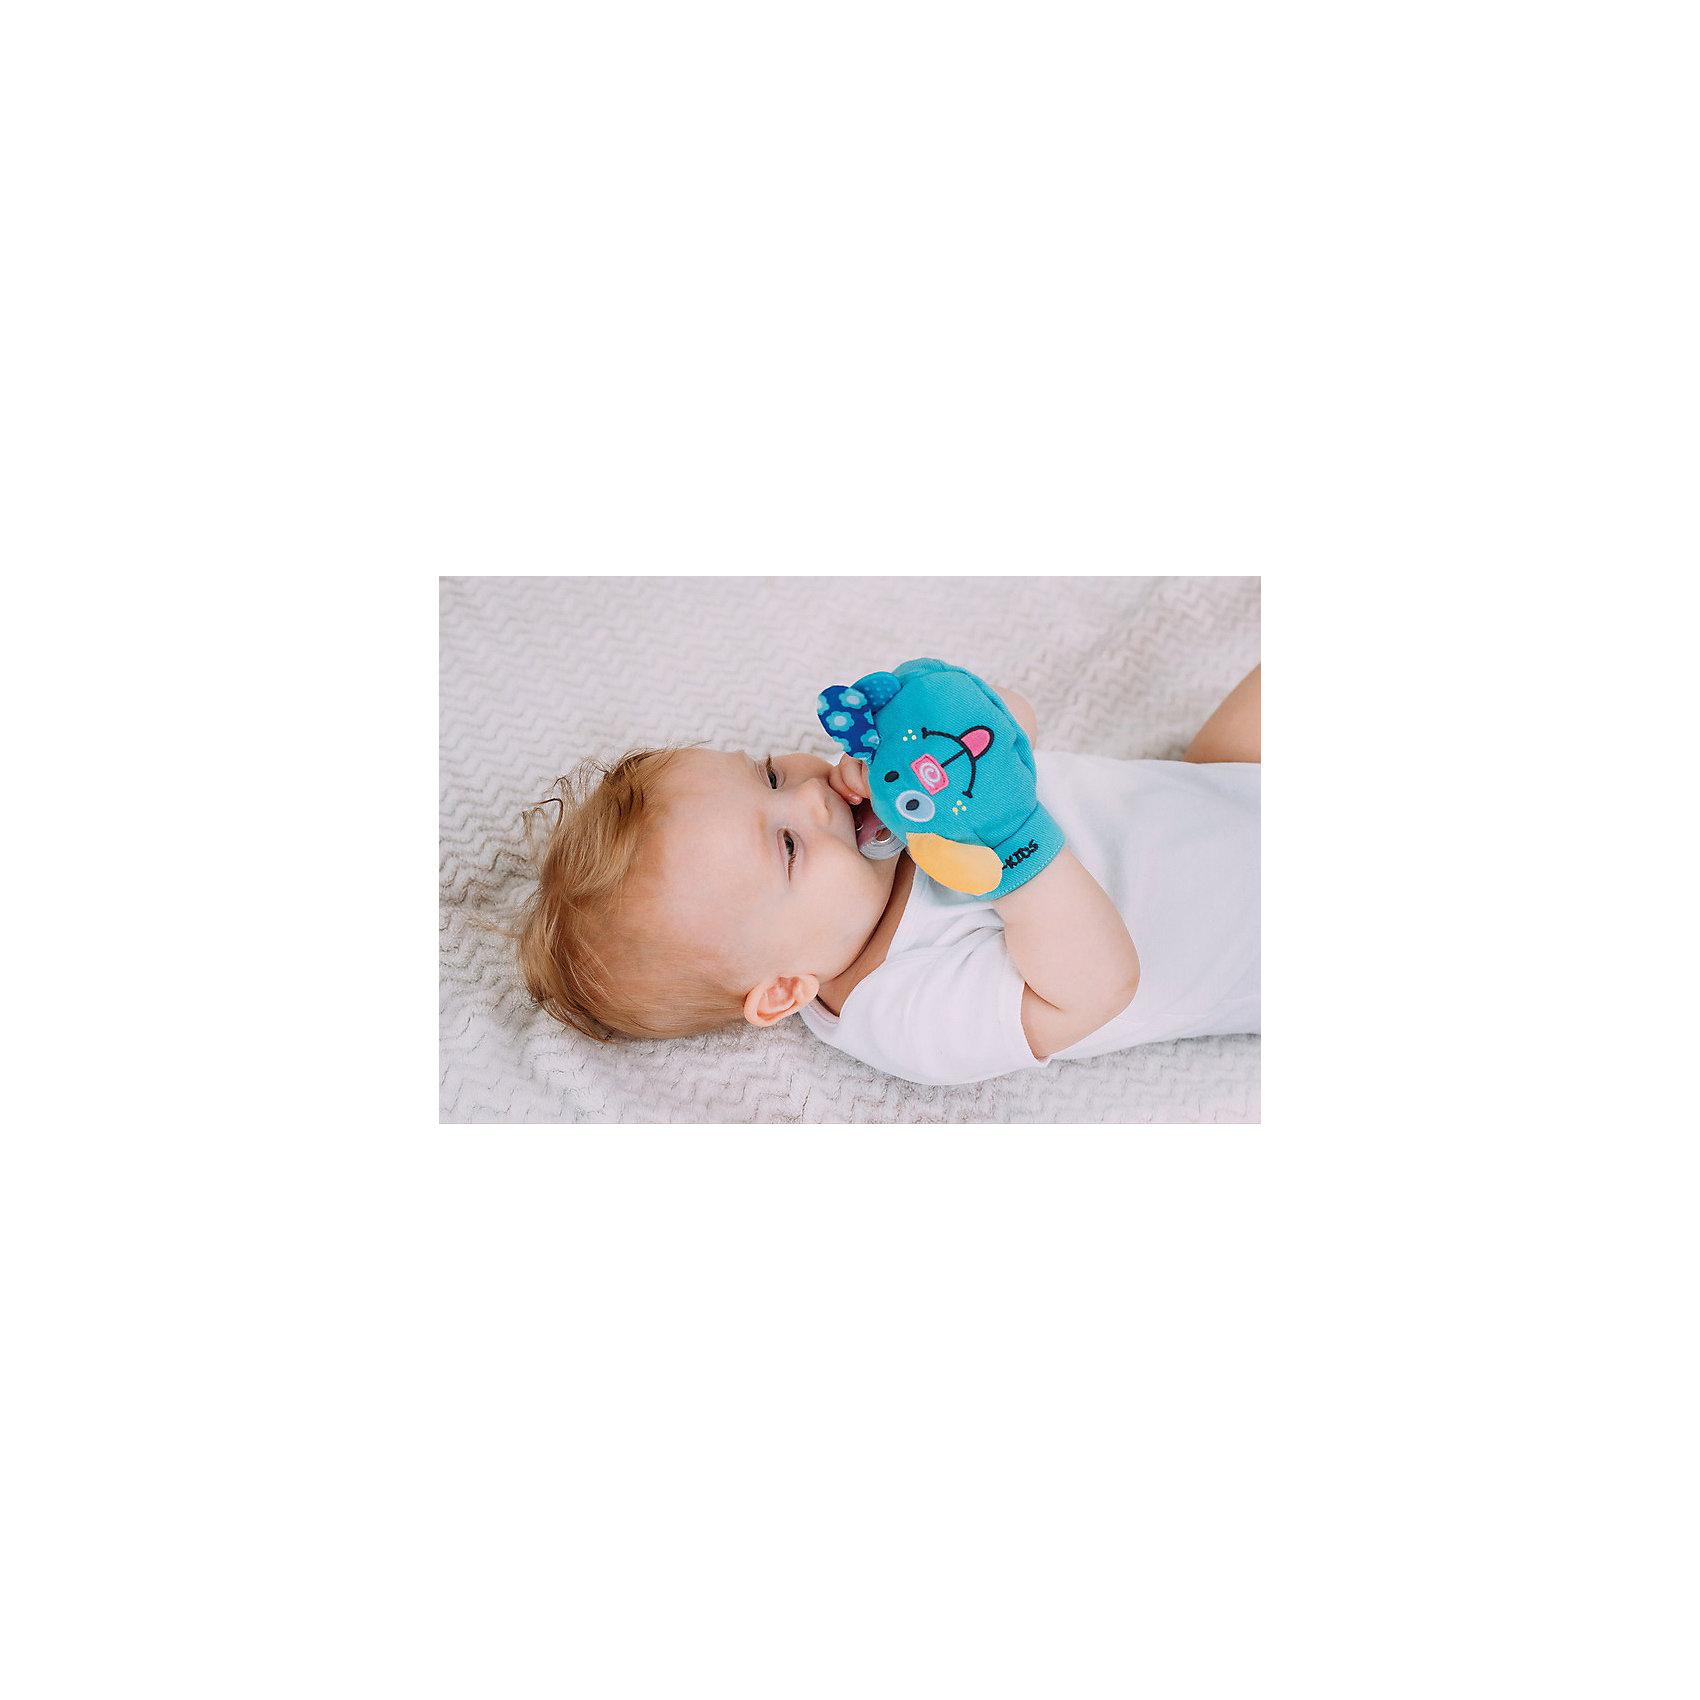 Roxy-Kids Рукавичка с прорезователем Вуффи, Roxy-Kids roxy kids козырек защитный для мытья головы rbc 492 g зеленый от 6 месяцев до 3 лет